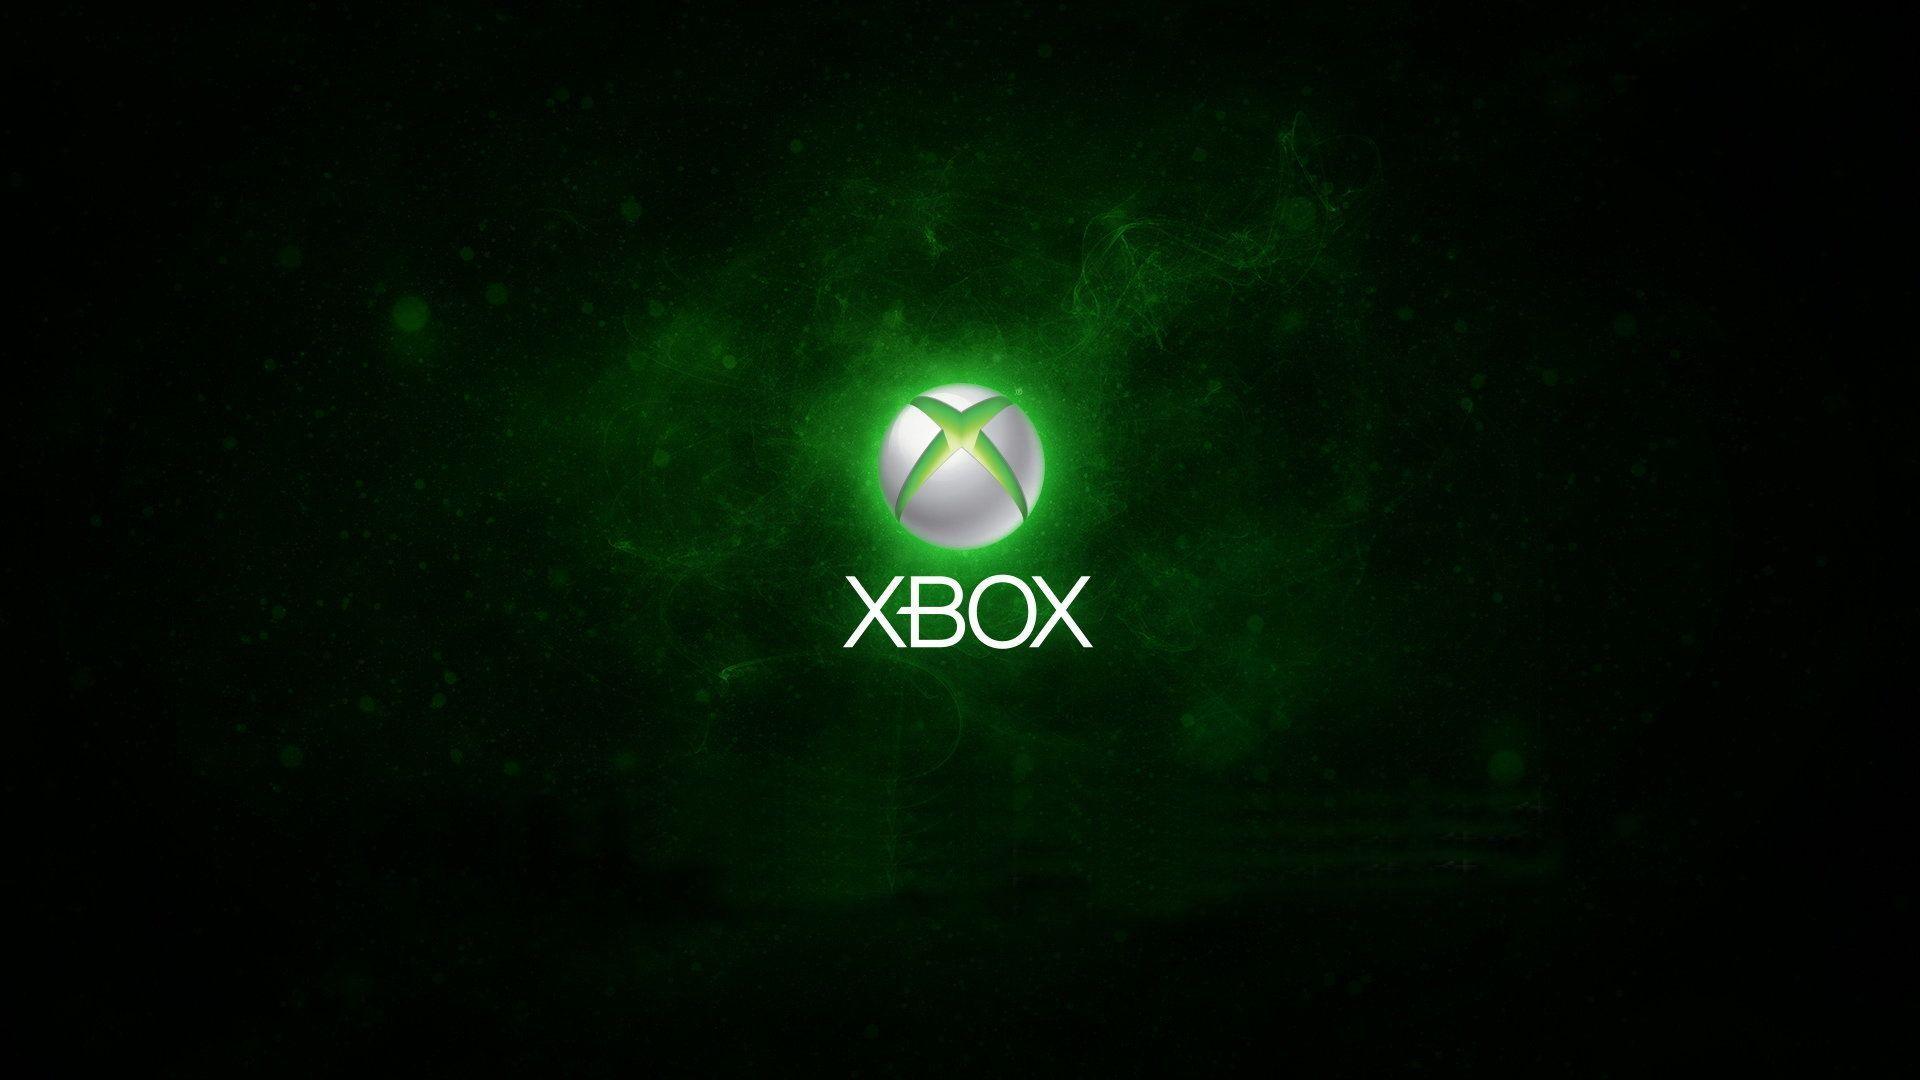 خصومات ضخمة على ألعاب Rockstar لمنصة Xbox بجانب الإعلان عن عنواين